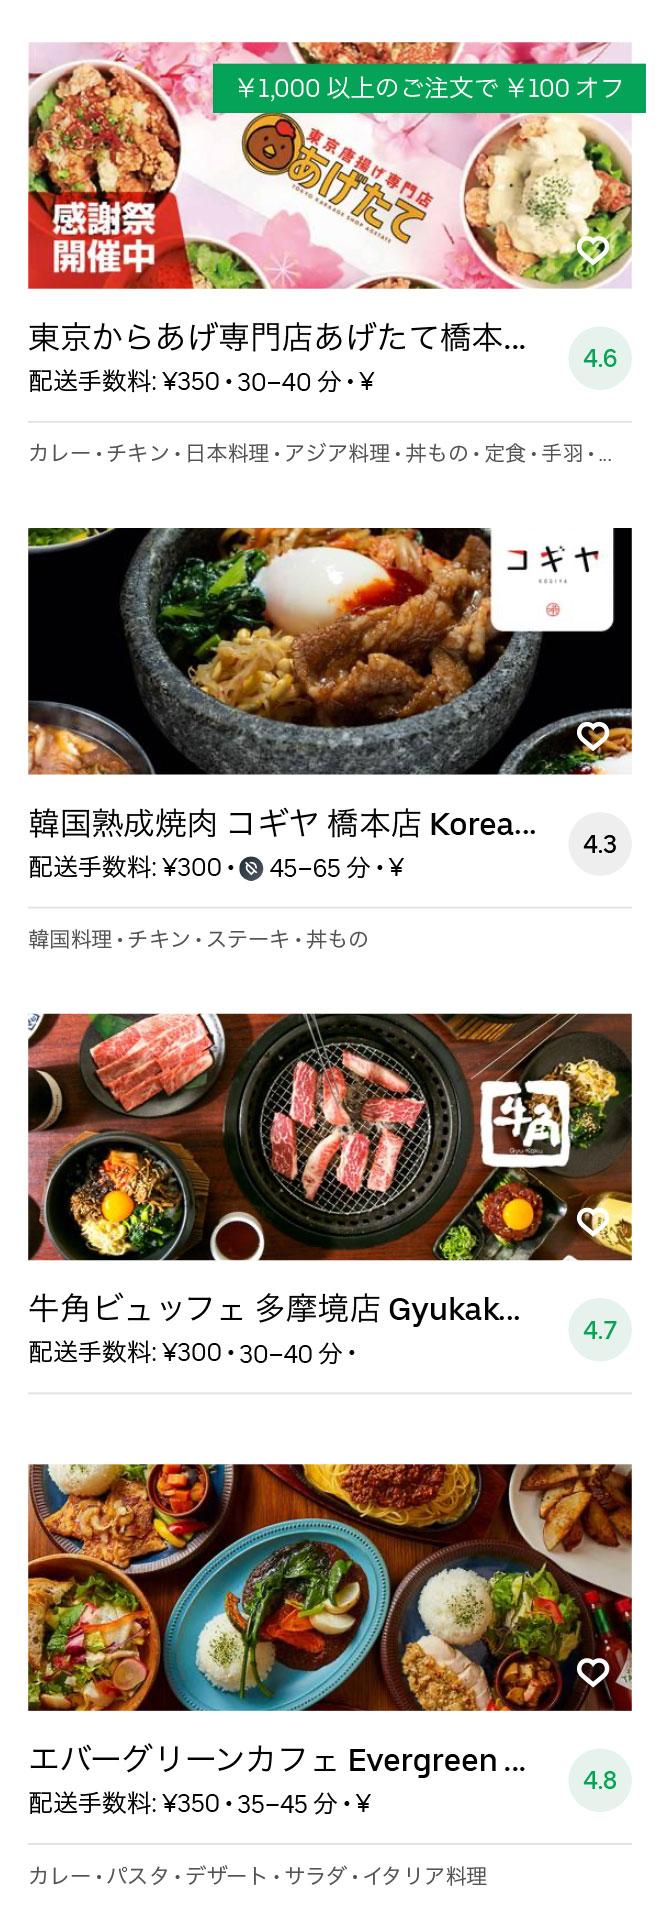 Sagamihara menu 2008 10